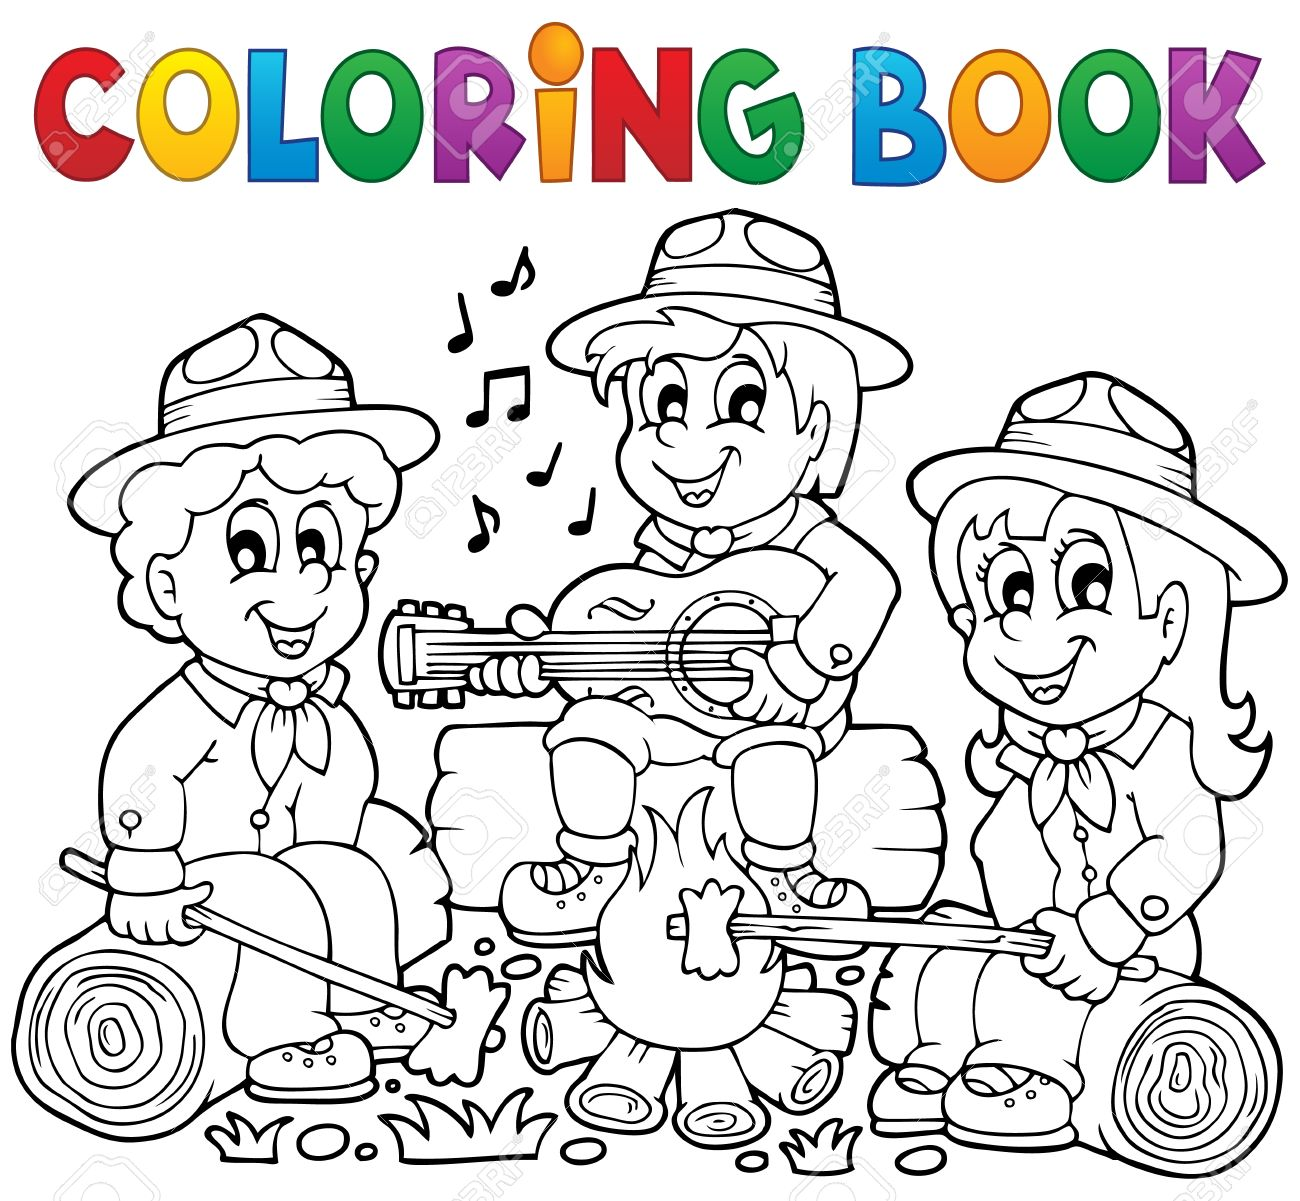 Libro Para Colorear Explora El Tema 1 - Ilustración Vectorial Eps10 ...